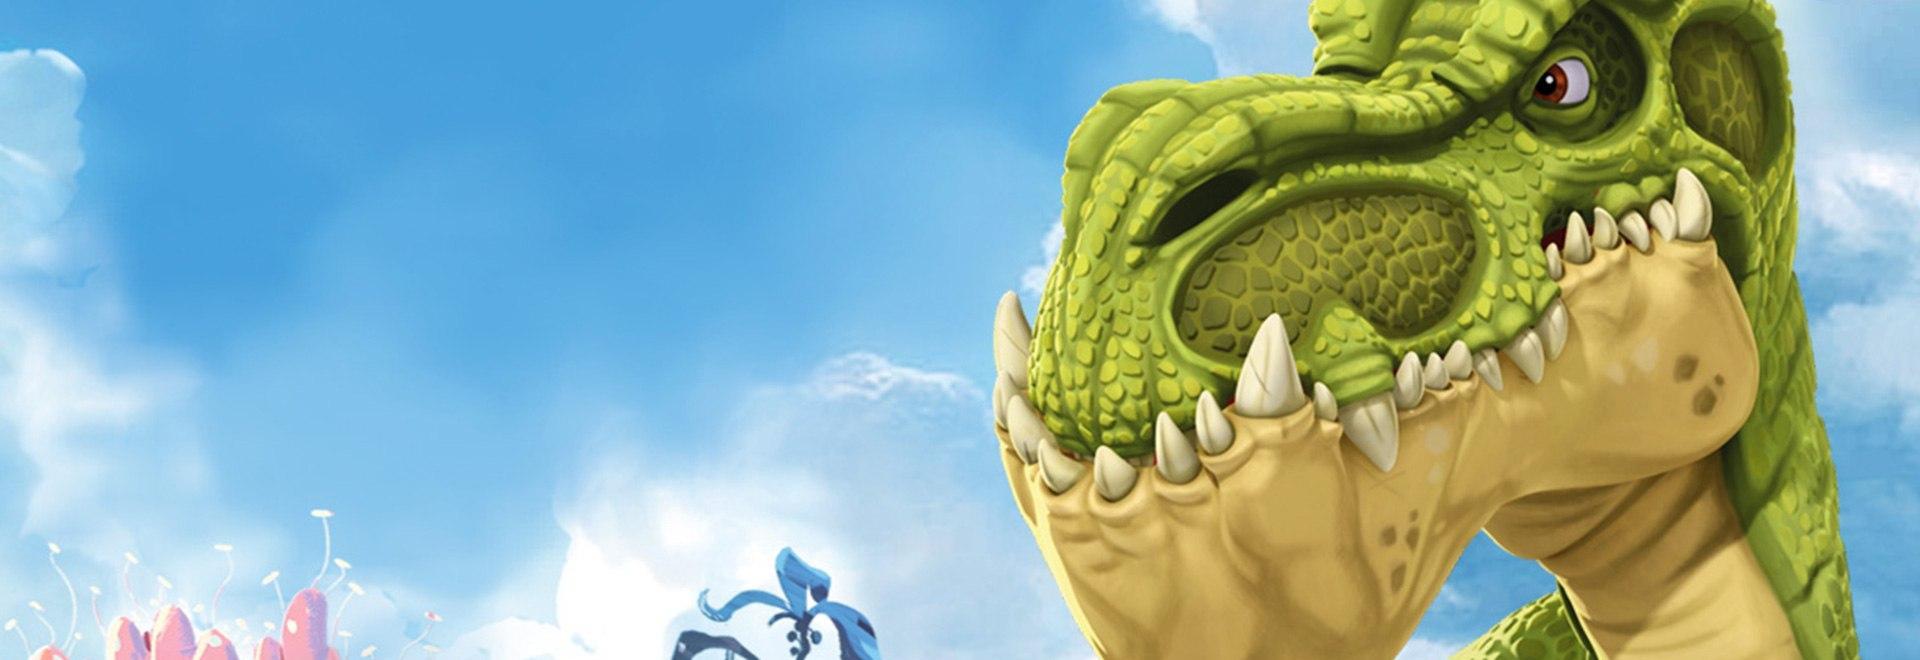 Dinosia